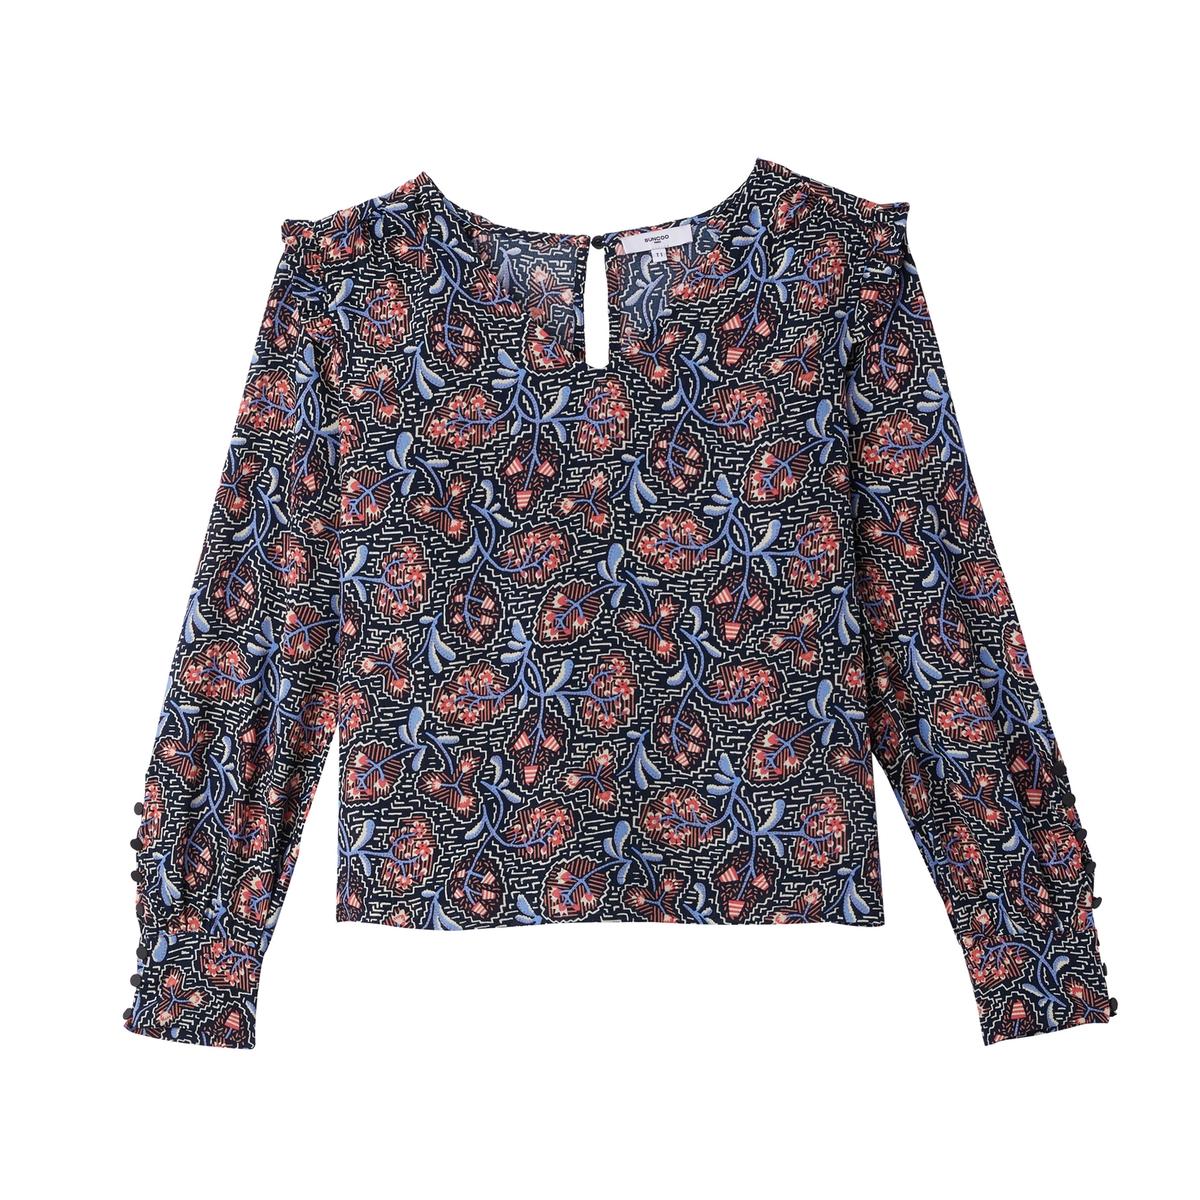 Блузка с принтом в этническом стиле LINA блузка с вышивкой в этническом стиле